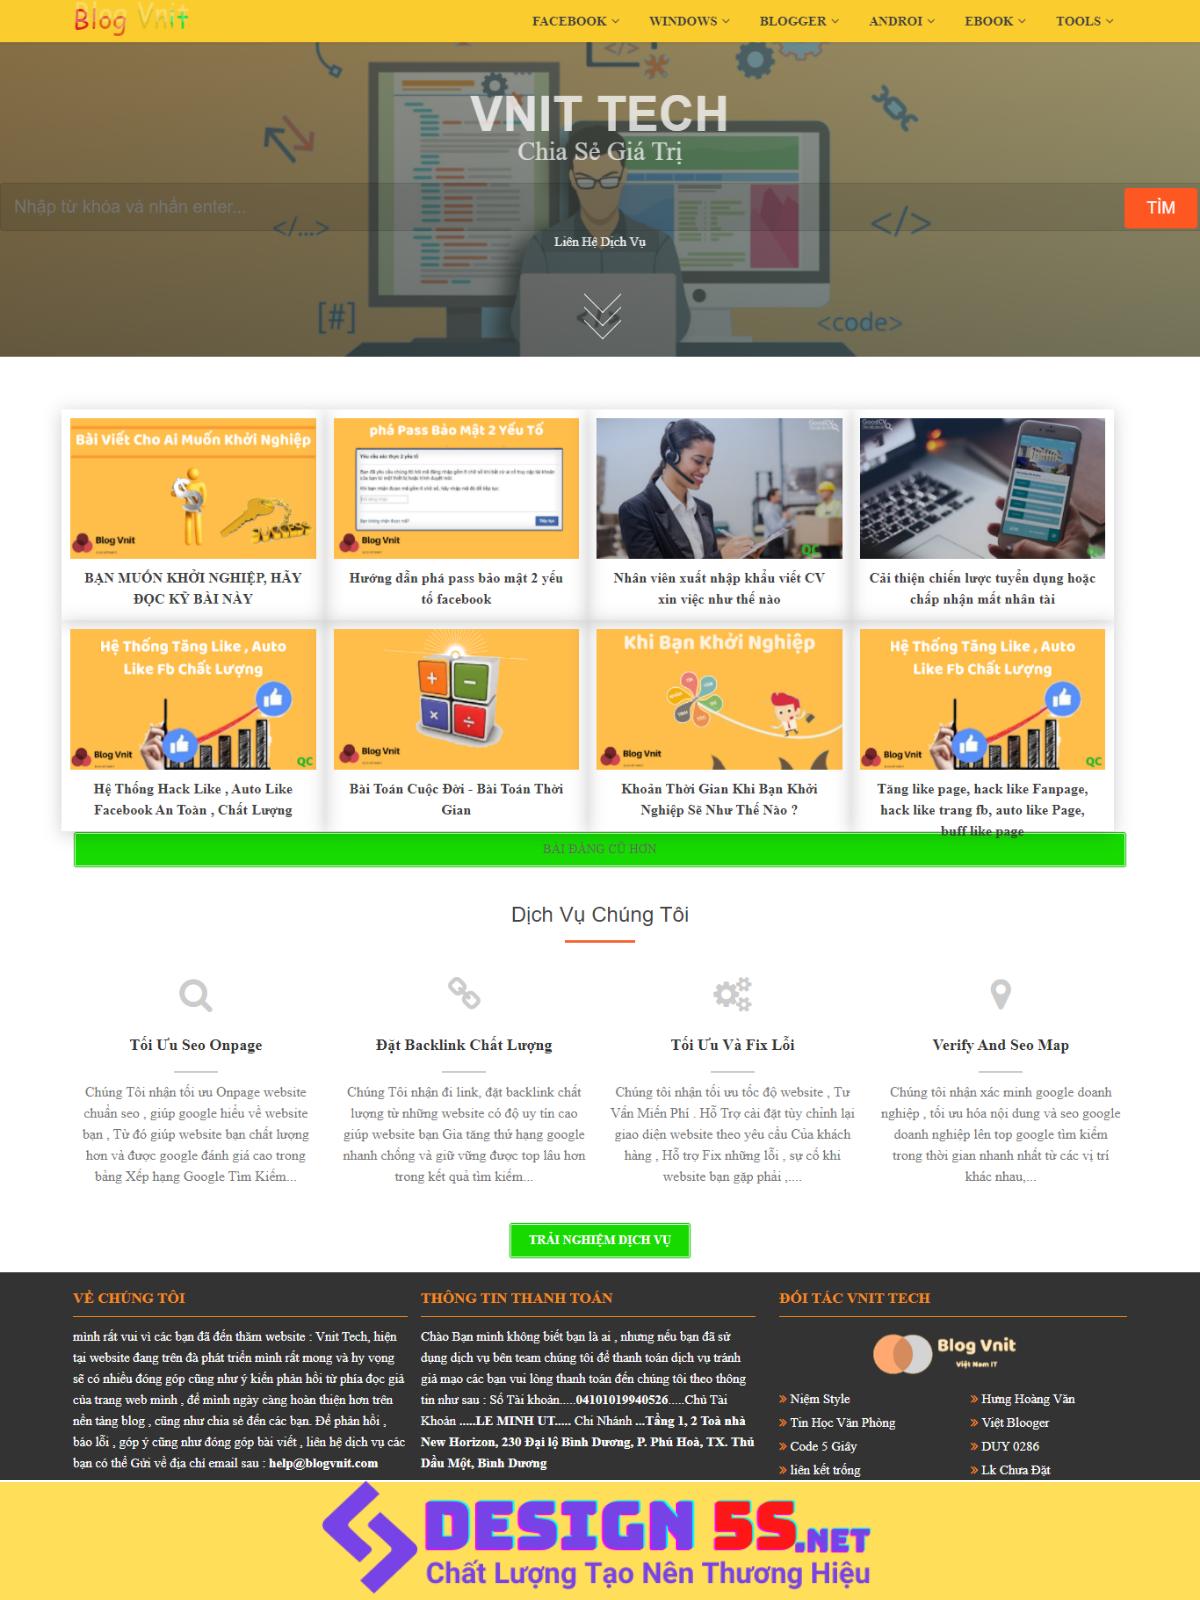 Template blogspot cá nhân tải trang siêu nhanh miễn phí